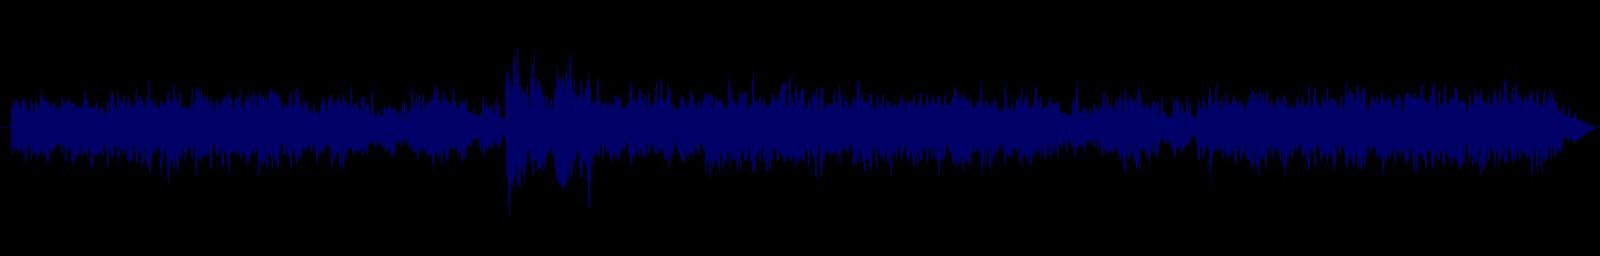 waveform of track #131337